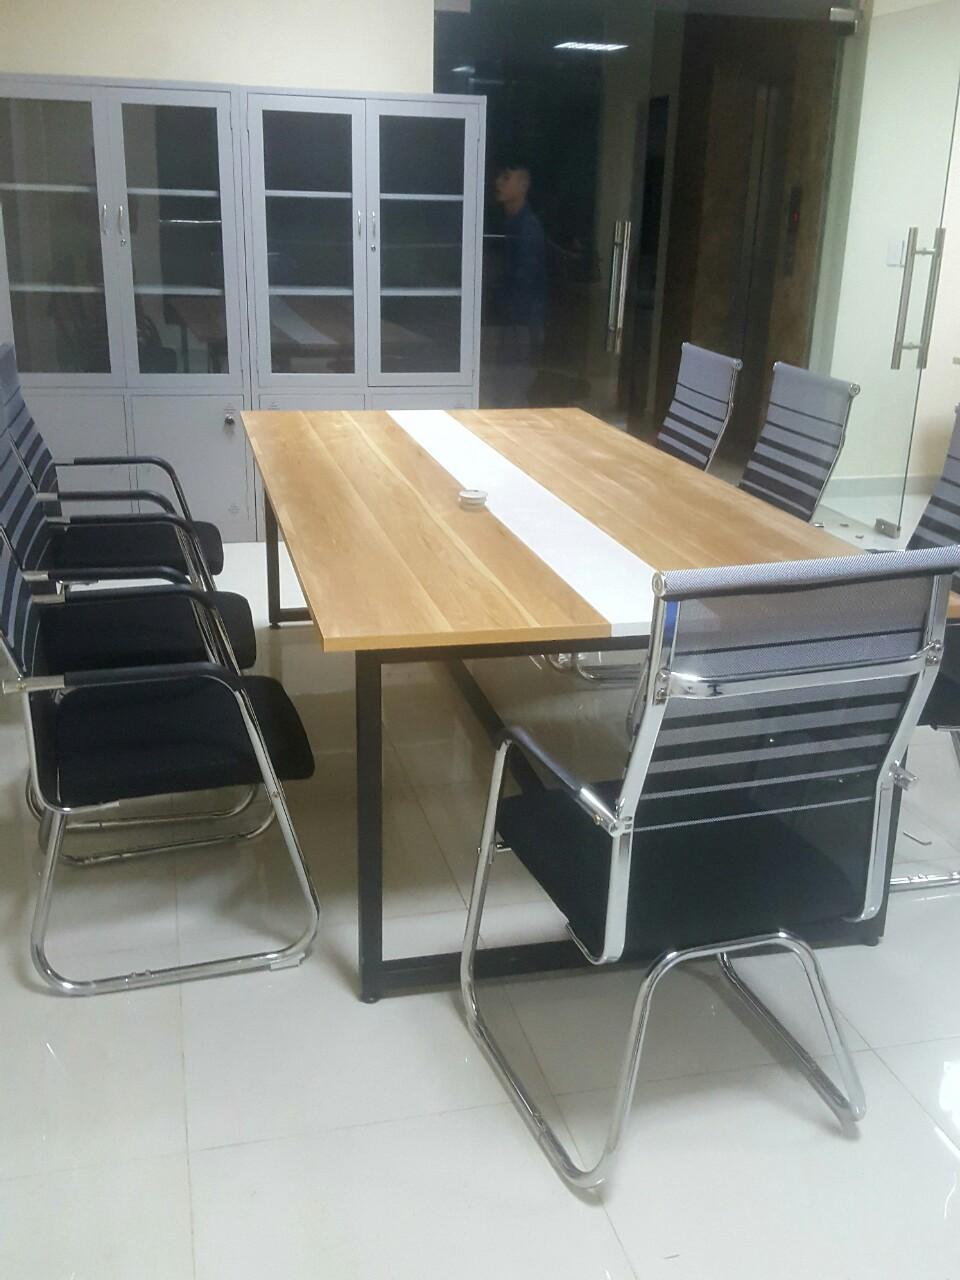 D:\mua bán bàn ghế văn phòng bằng gỗ đẹp\3ab99722ea070d595416.jpg